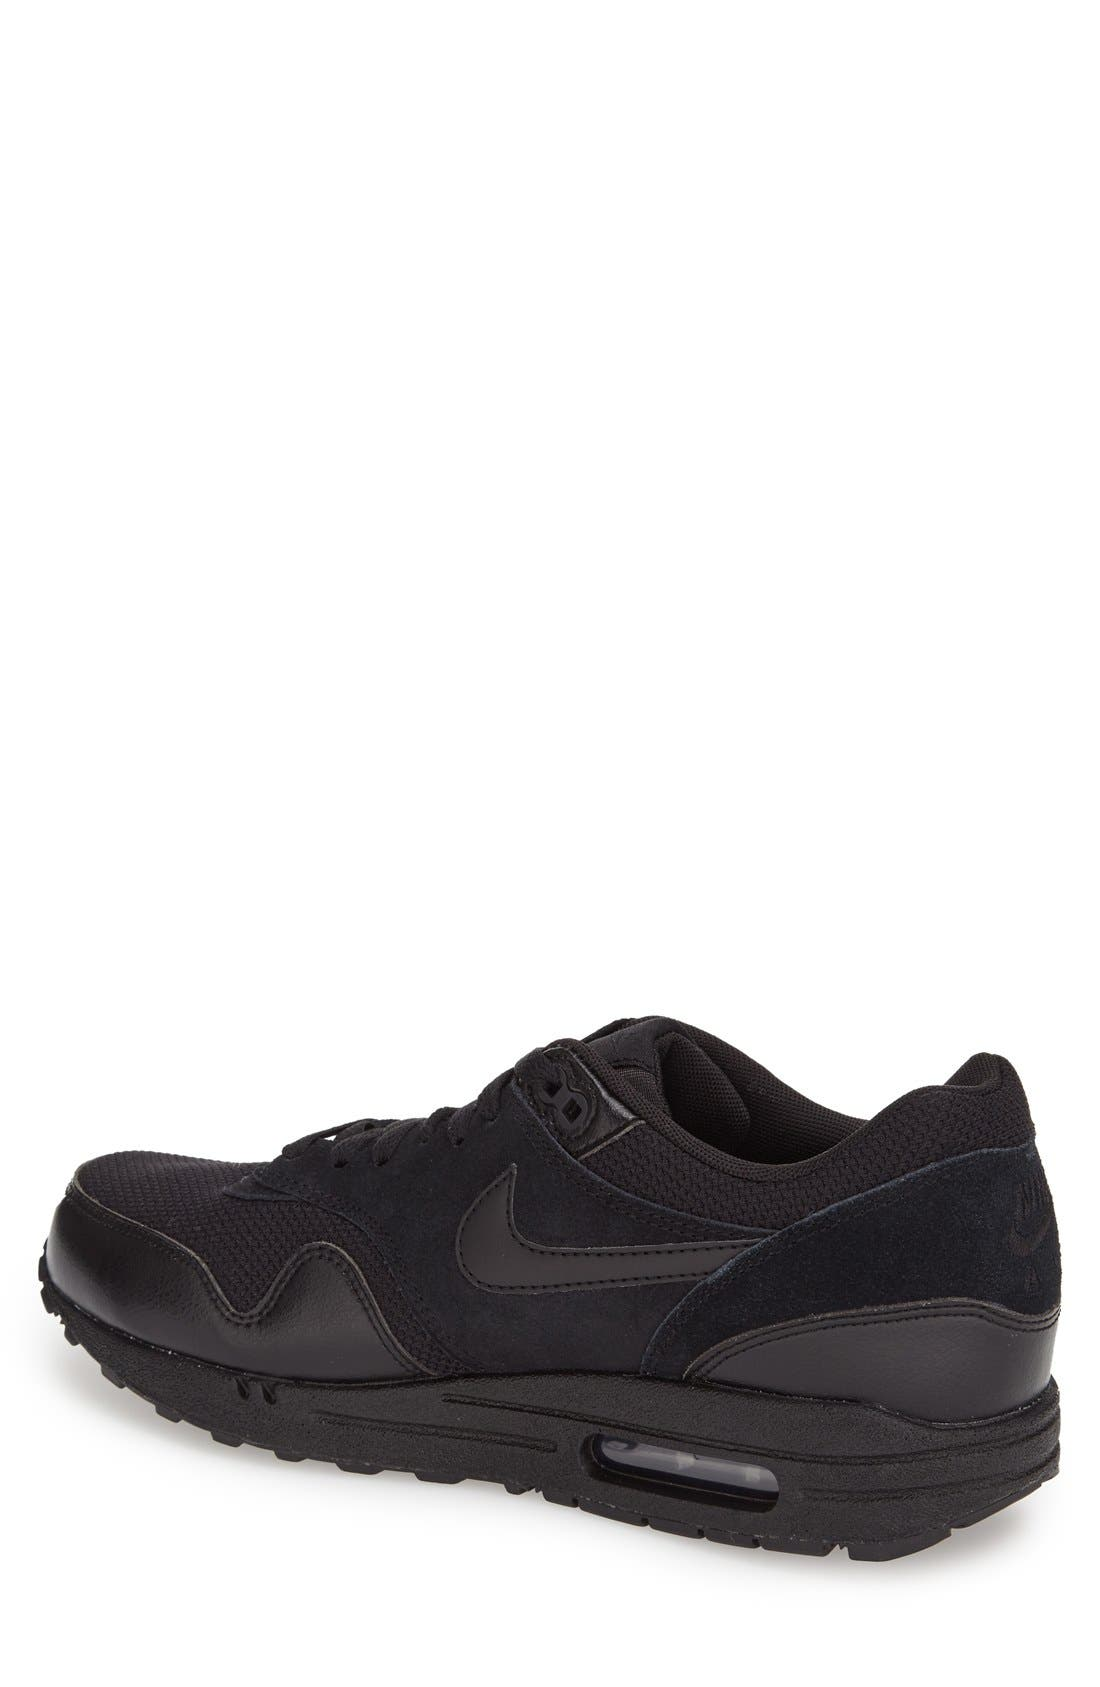 Alternate Image 2  - Nike 'Air Max 1 Essential' Sneaker (Men)